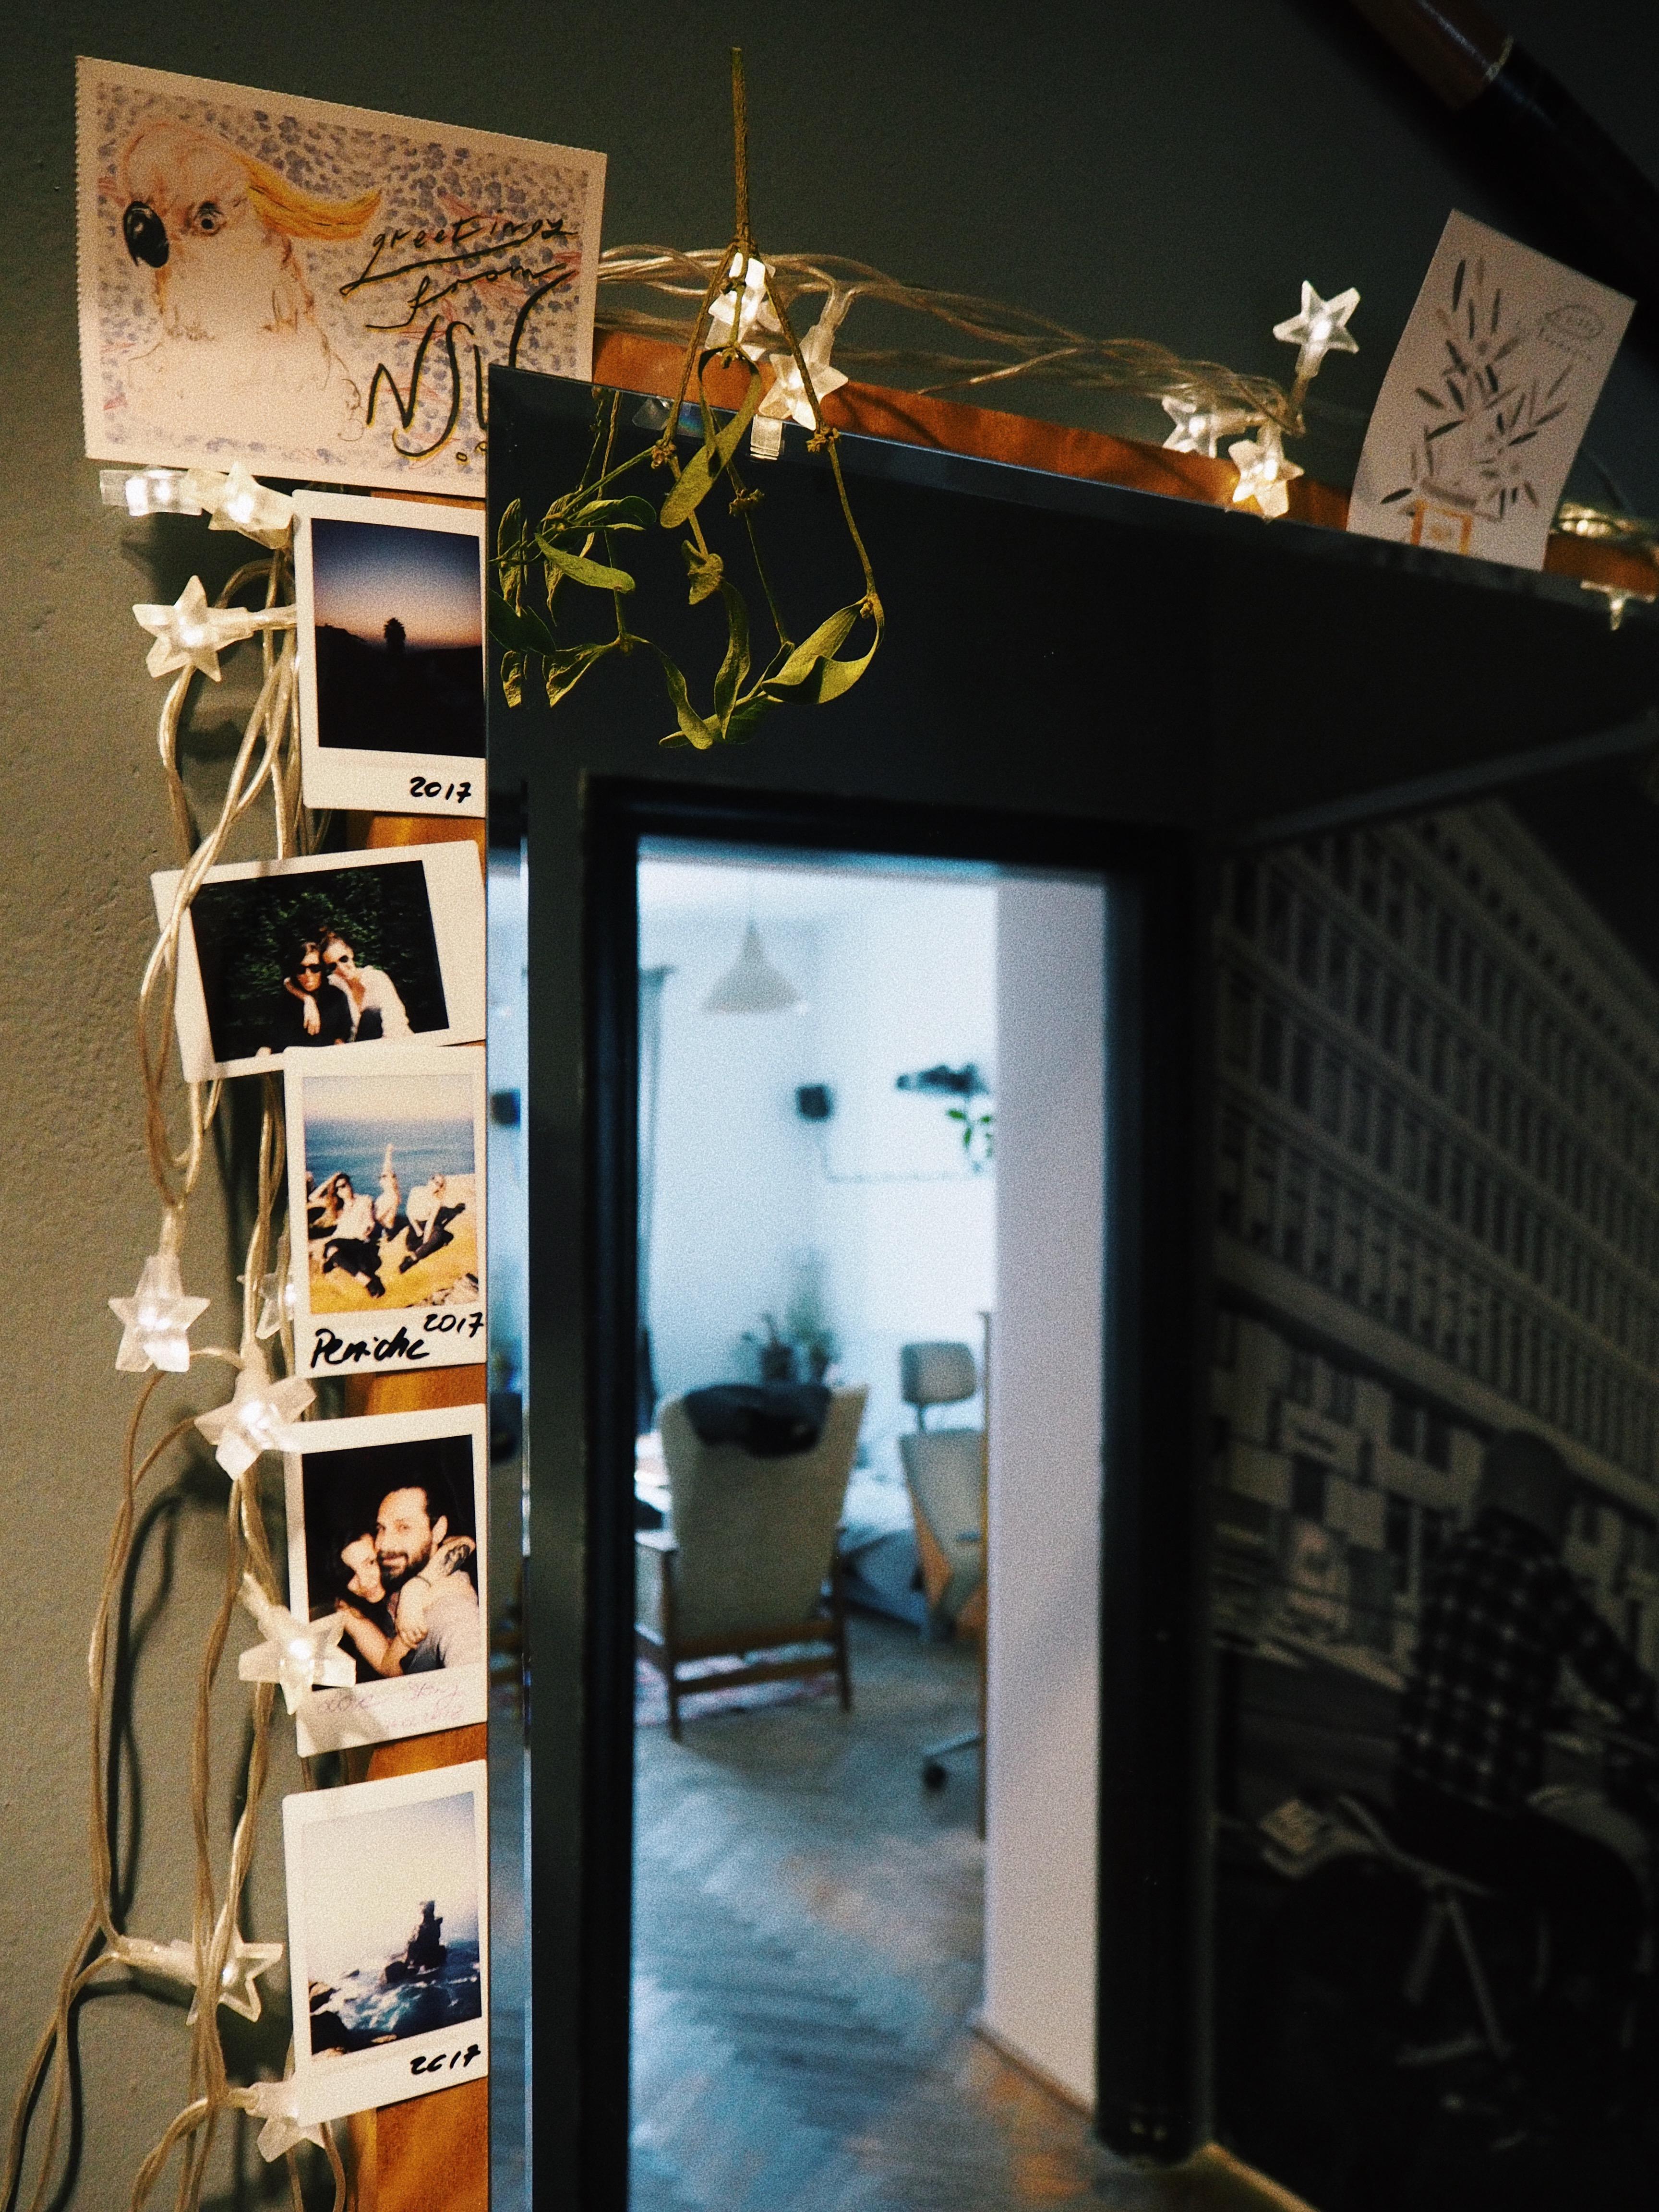 Rodzinne i osobiste pamiątki wetknięte za lustro. Przyjrzyjcie się, to oderwane drzwi od starej szafy, lustro było wewnątrz. Skrzydło tworzy drewnianą ramę.